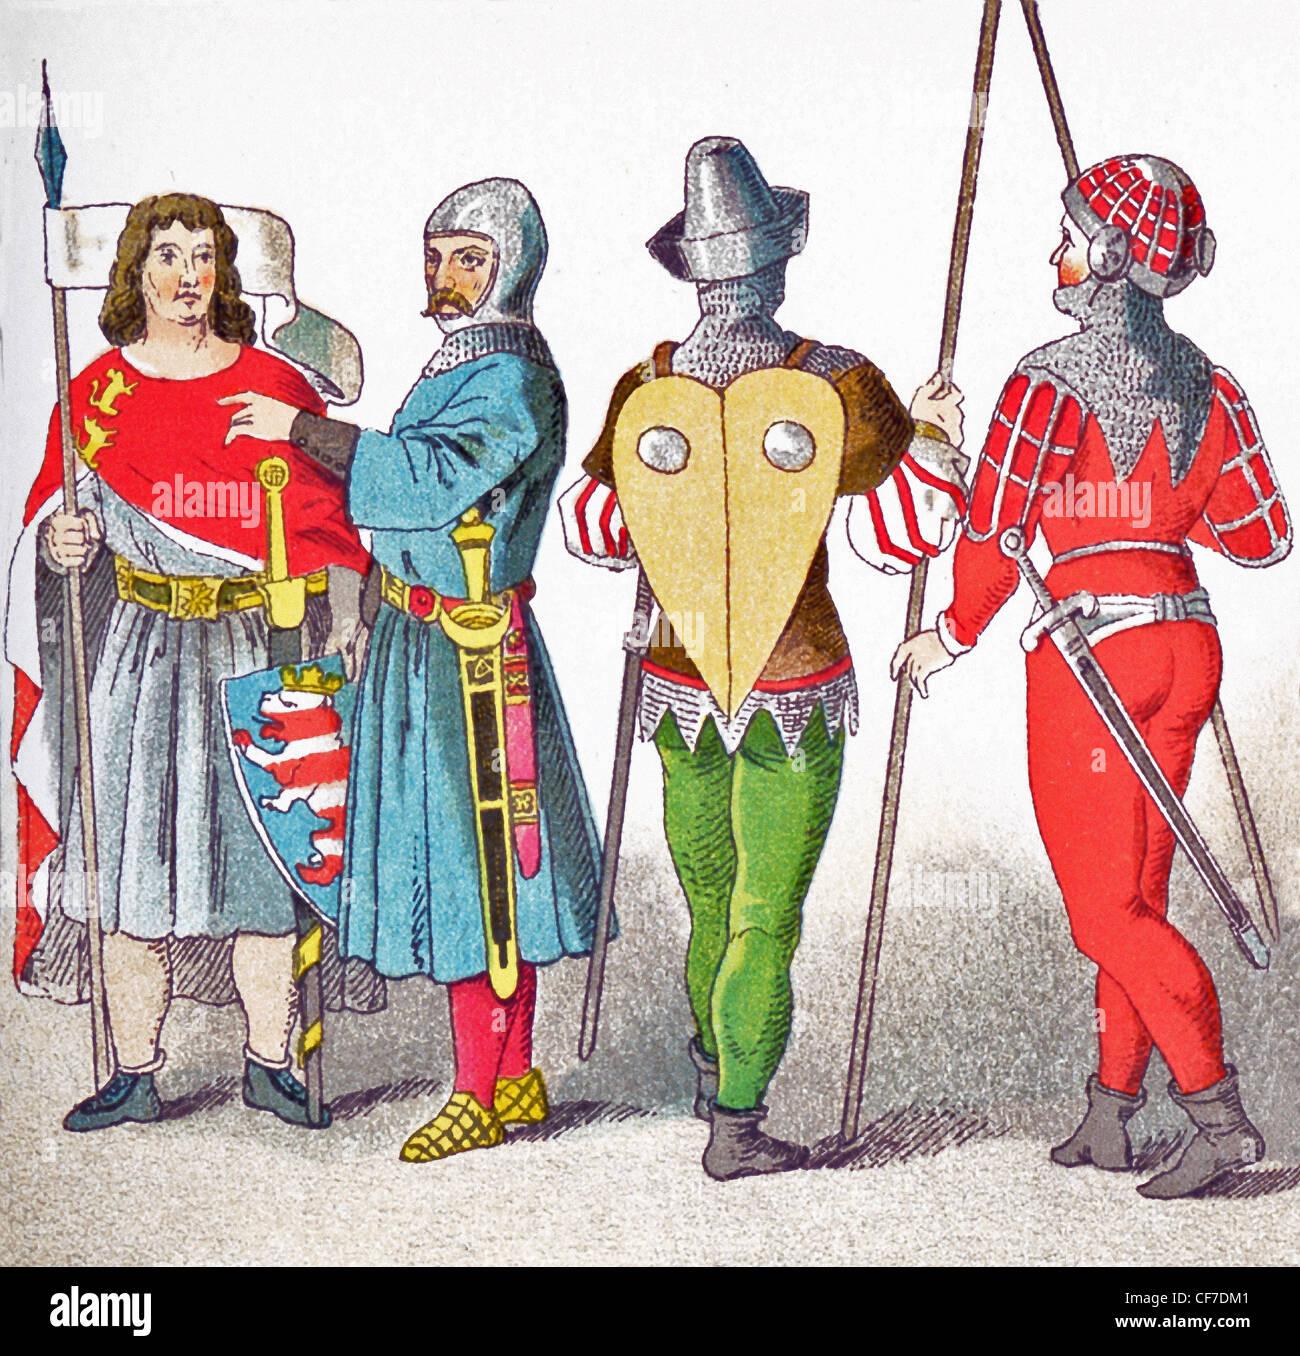 Le figure rappresentano i tedeschi da1350 a 1400 (da sinistra a destra): conteggio di Thuringen, cavaliere battaglia Immagini Stock